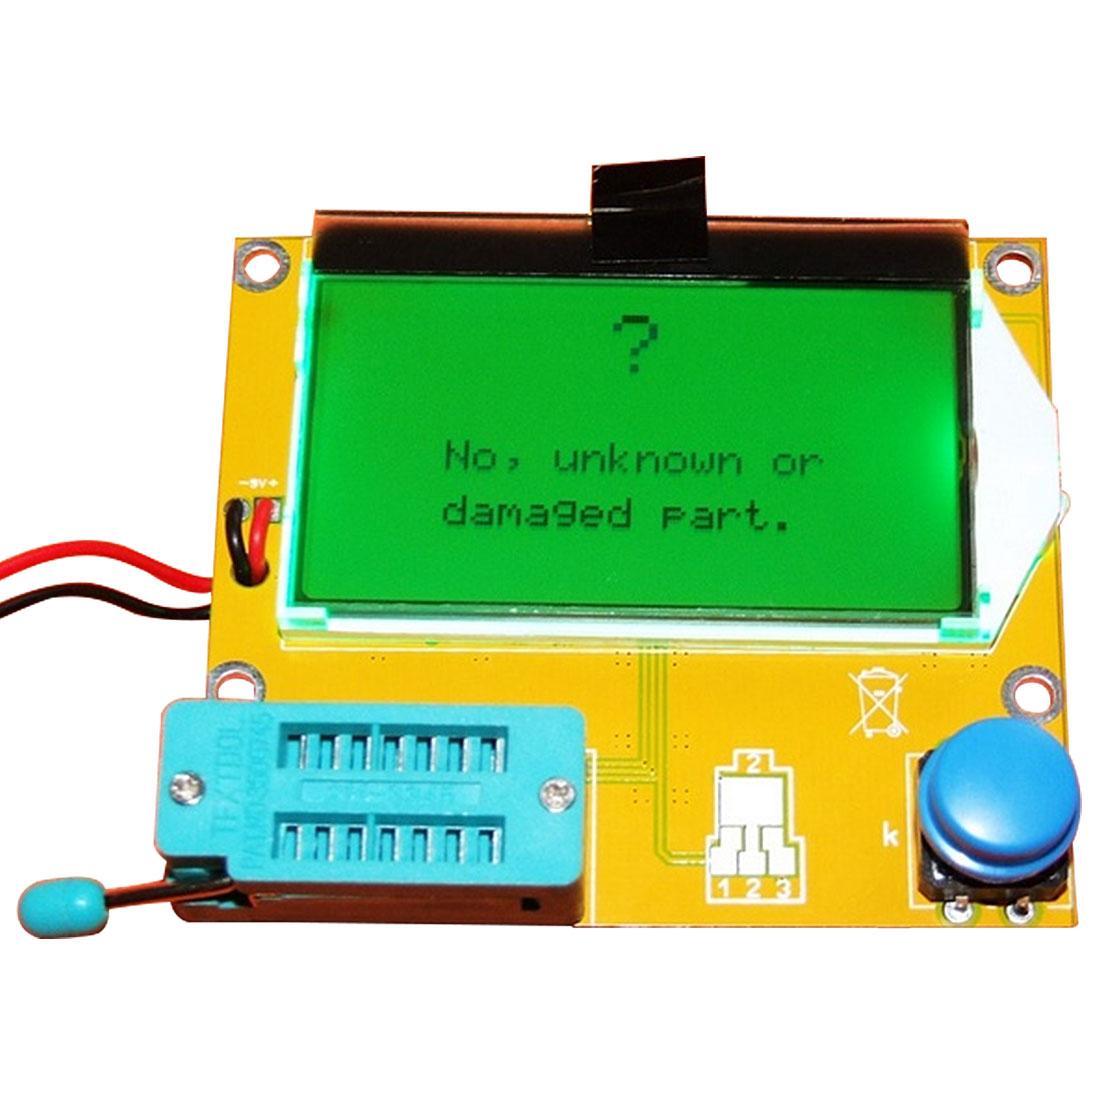 M328 LCR-T4 12846 LCD Digital Transistor Tester Meter Backlight Diode Triode Capacitance ESR Meter MOS/PNP/NPN L/C/R ...